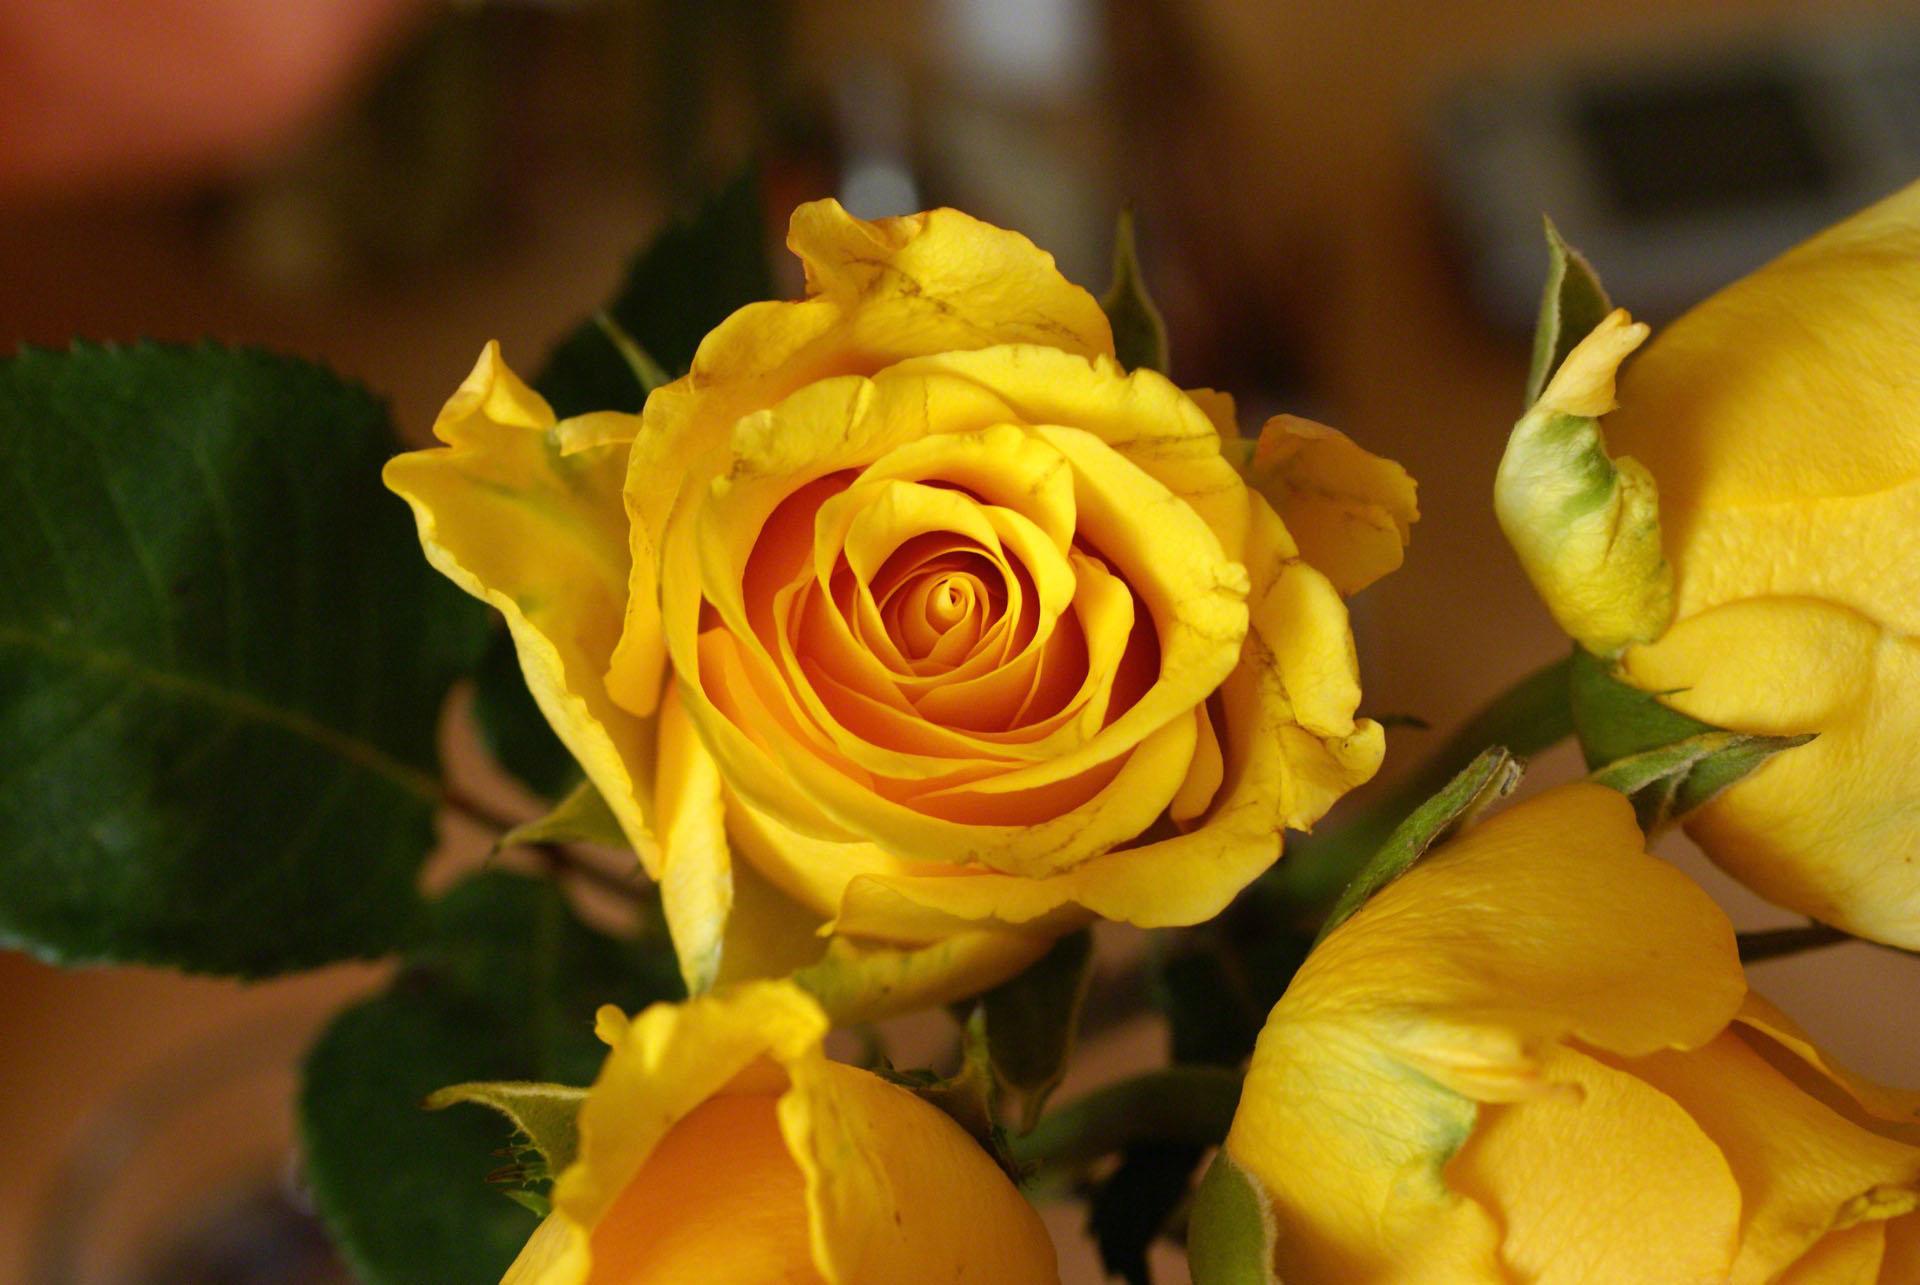 Wallpapers De Rosas Amarillas Fondos De Pantalla